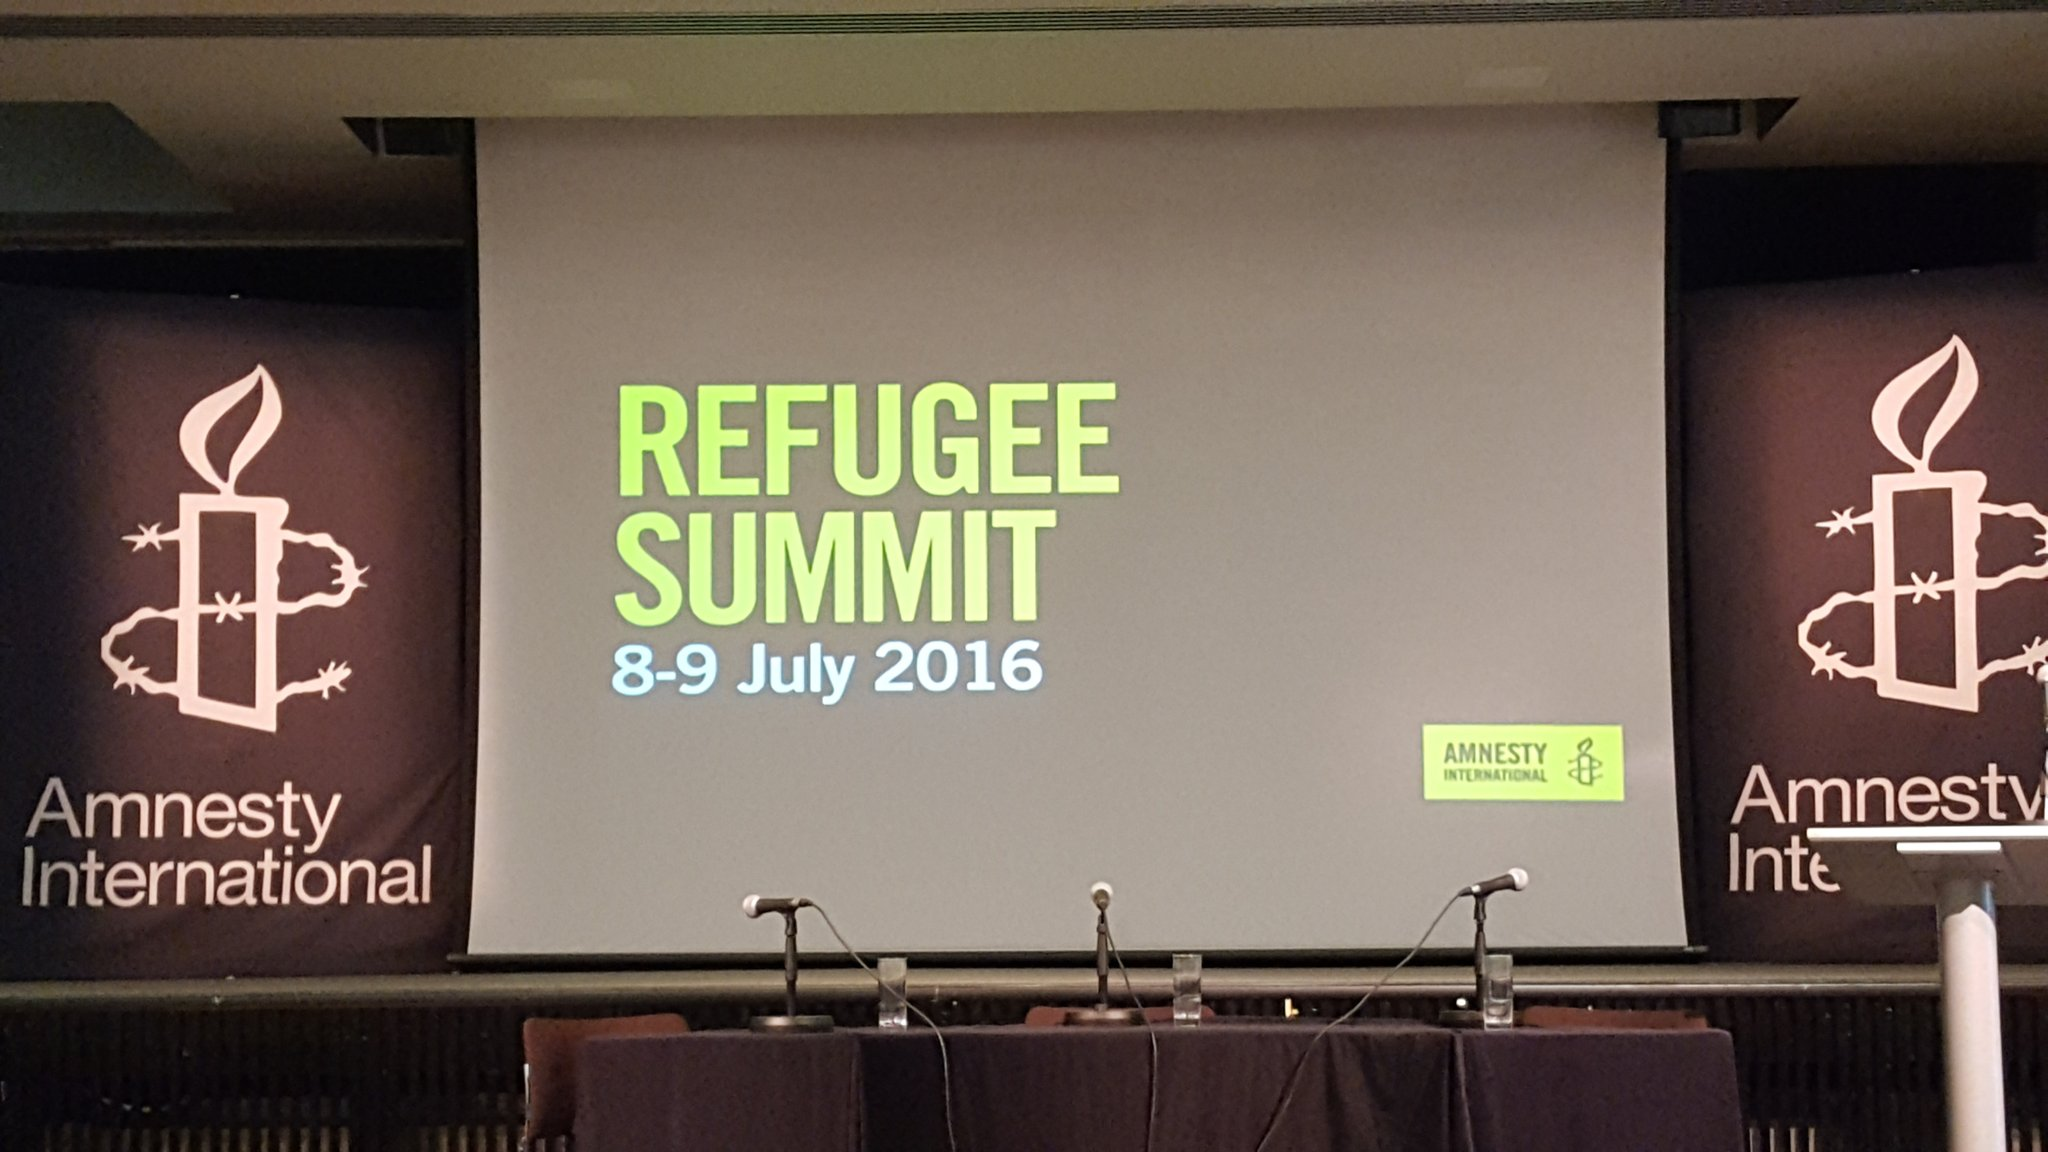 Thumbnail for Amnesty International UK Refugee Summit